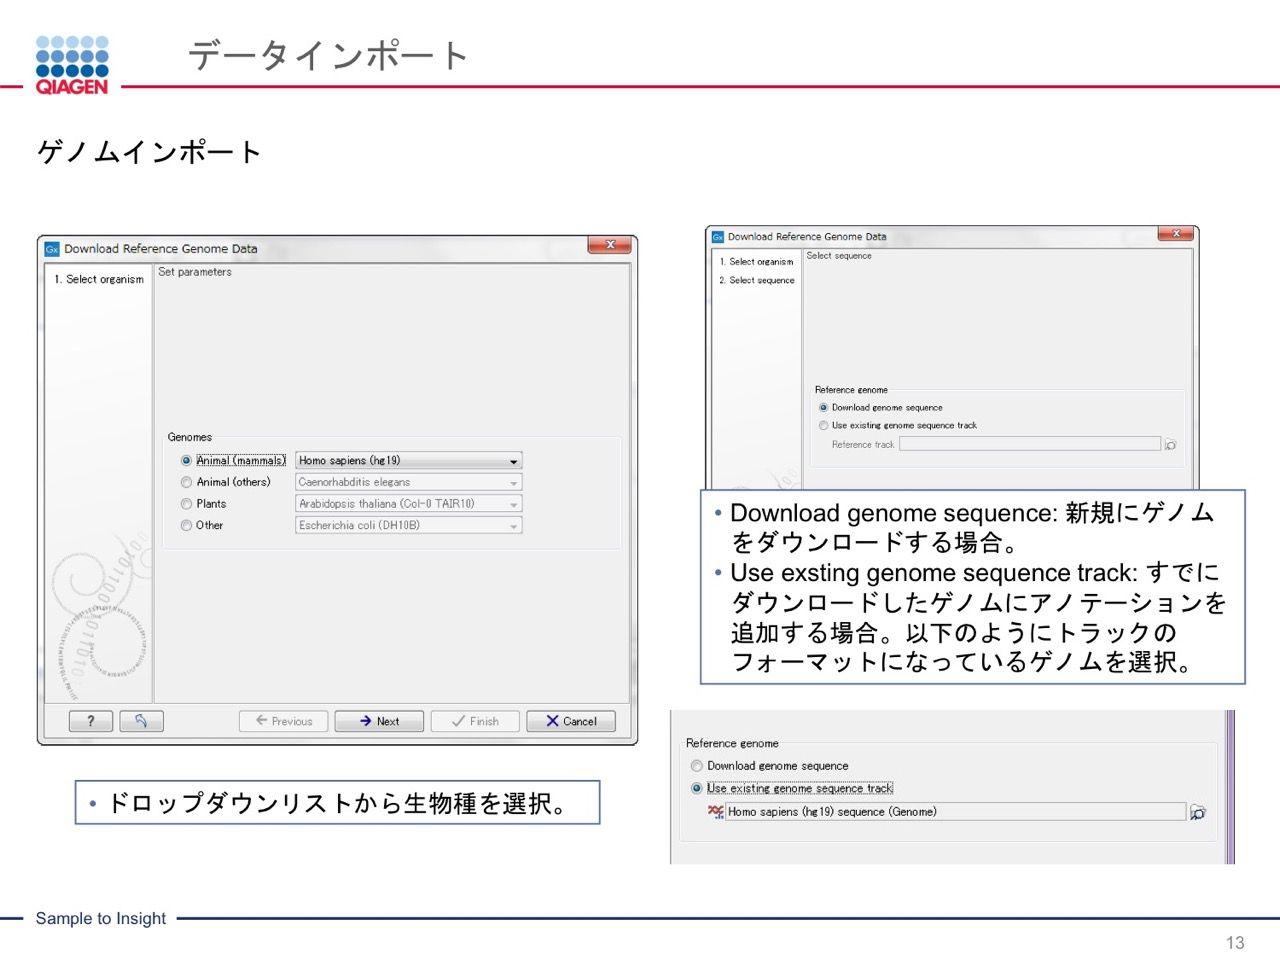 images/AJACSa2_miyamoto_013.jpg